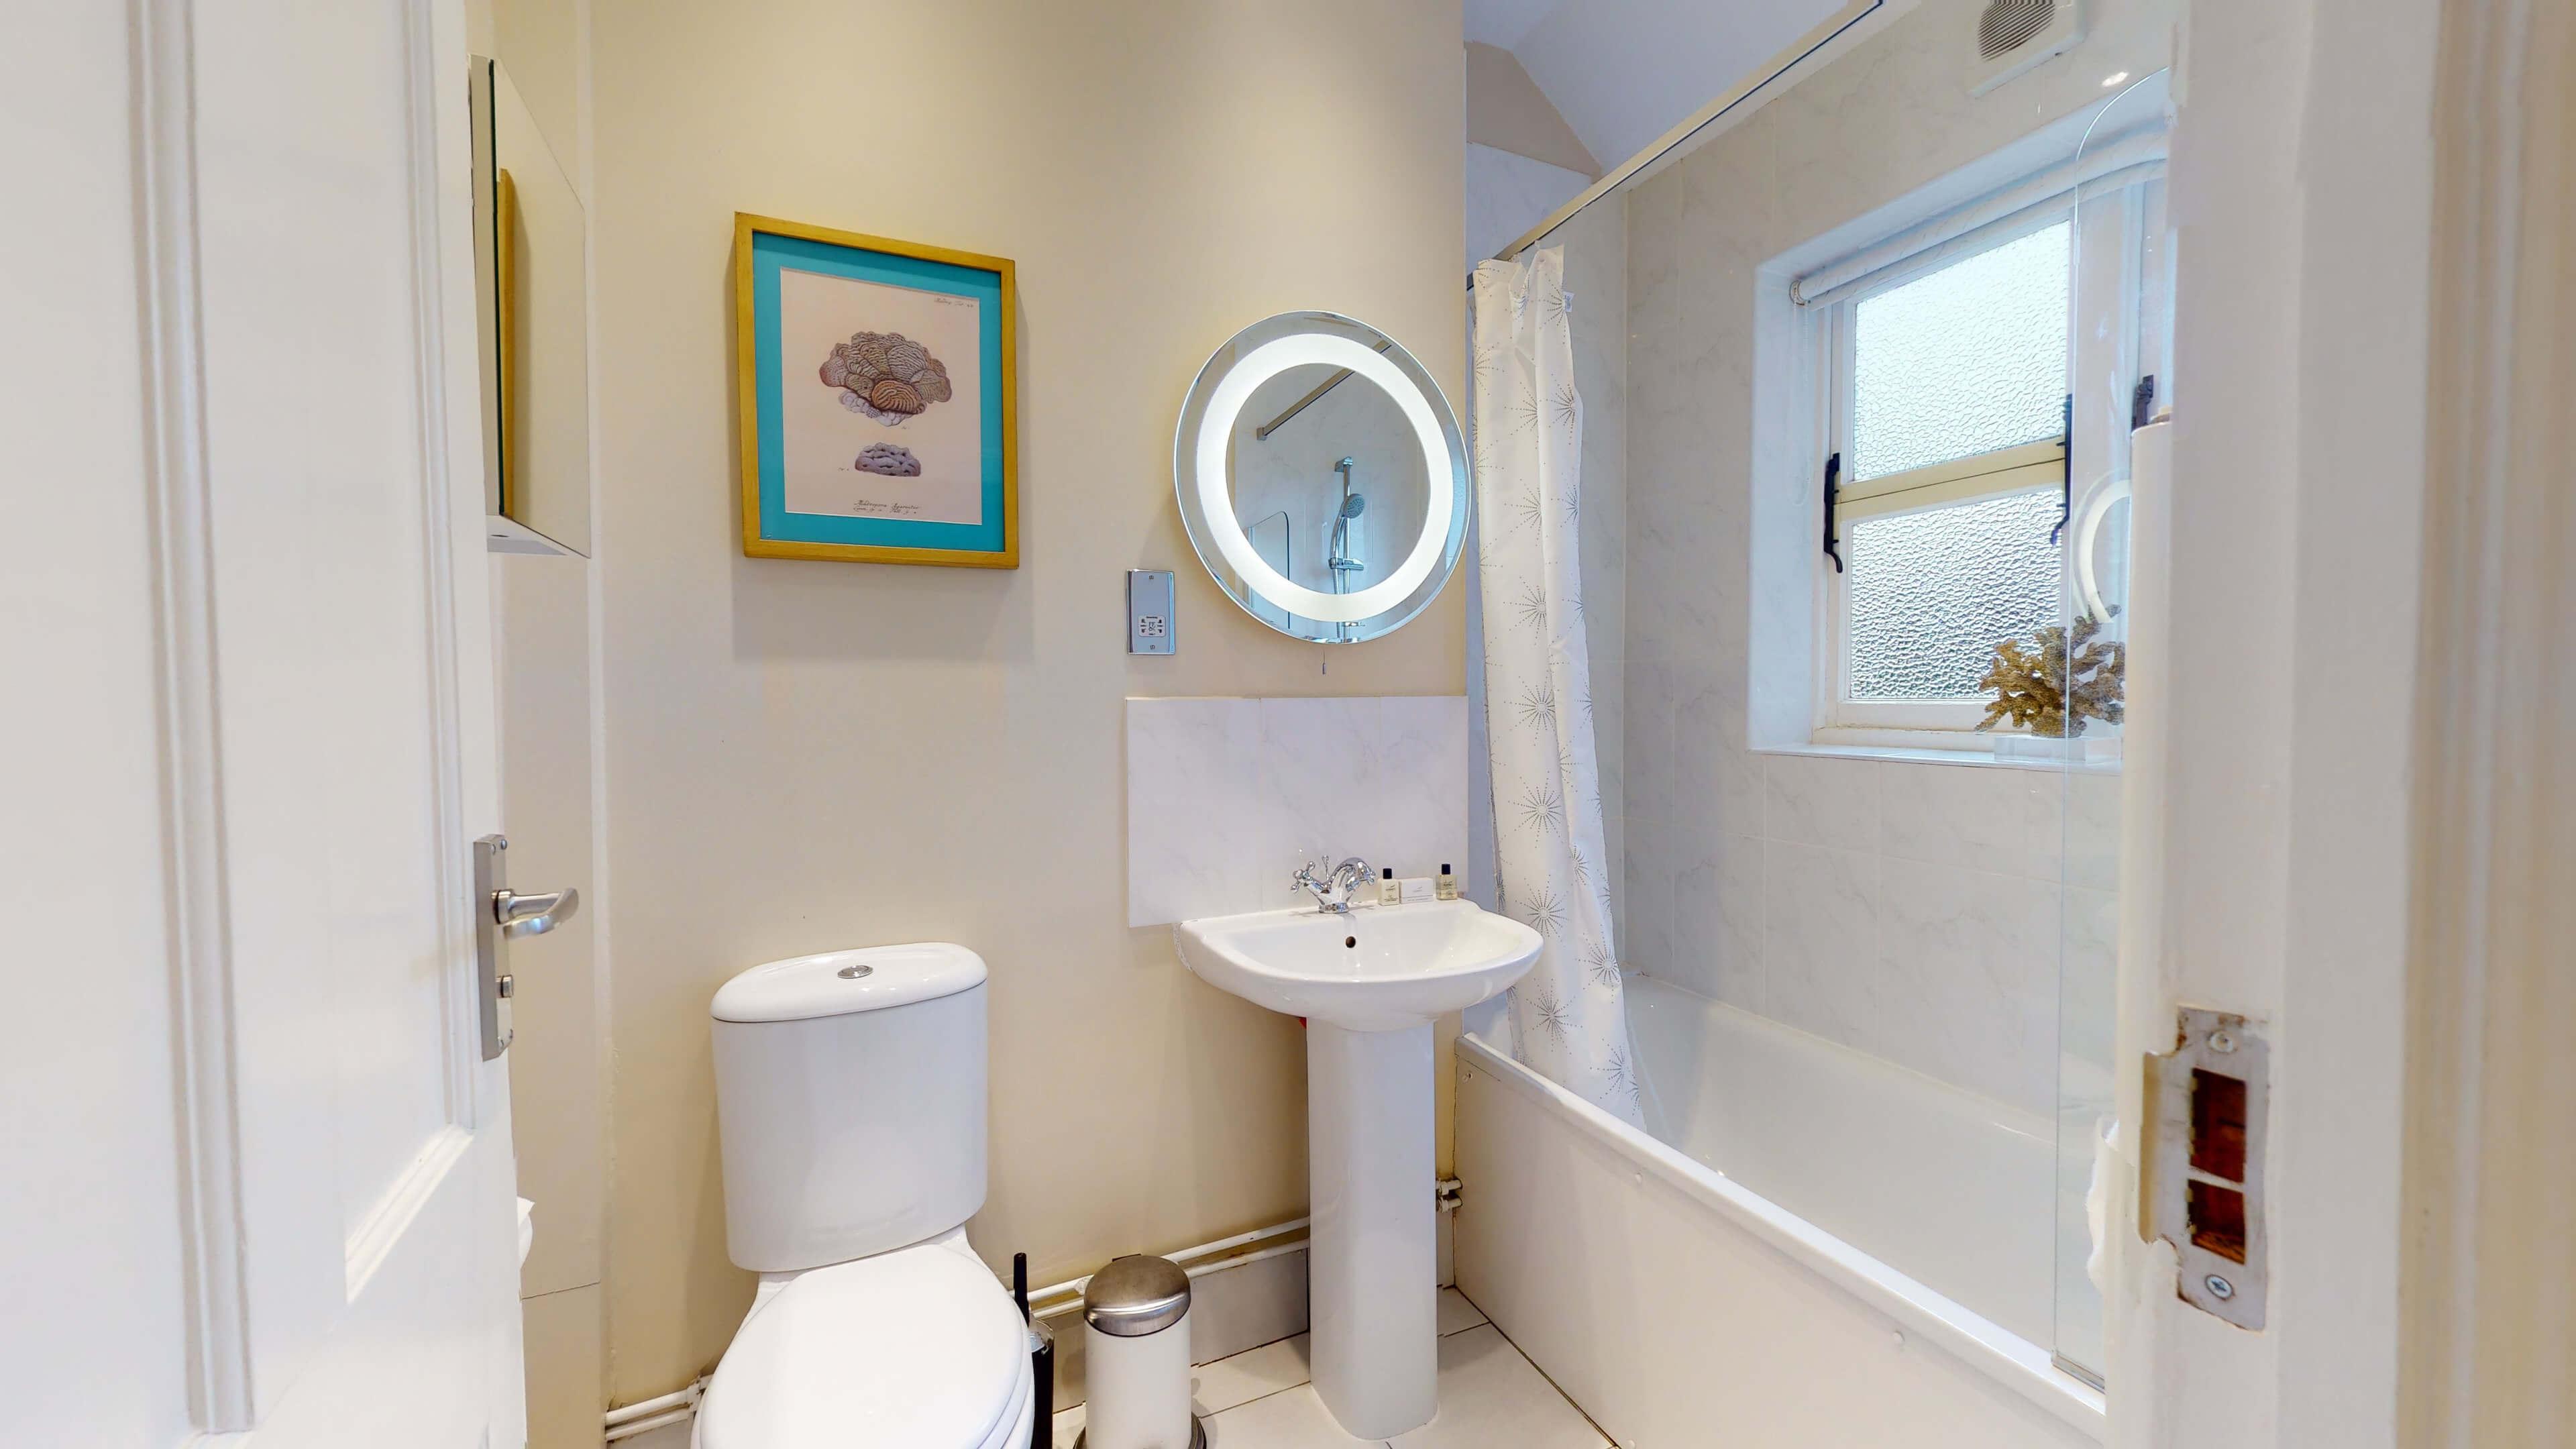 10A Rawlinson Road Rawlinson Road Bathroom2